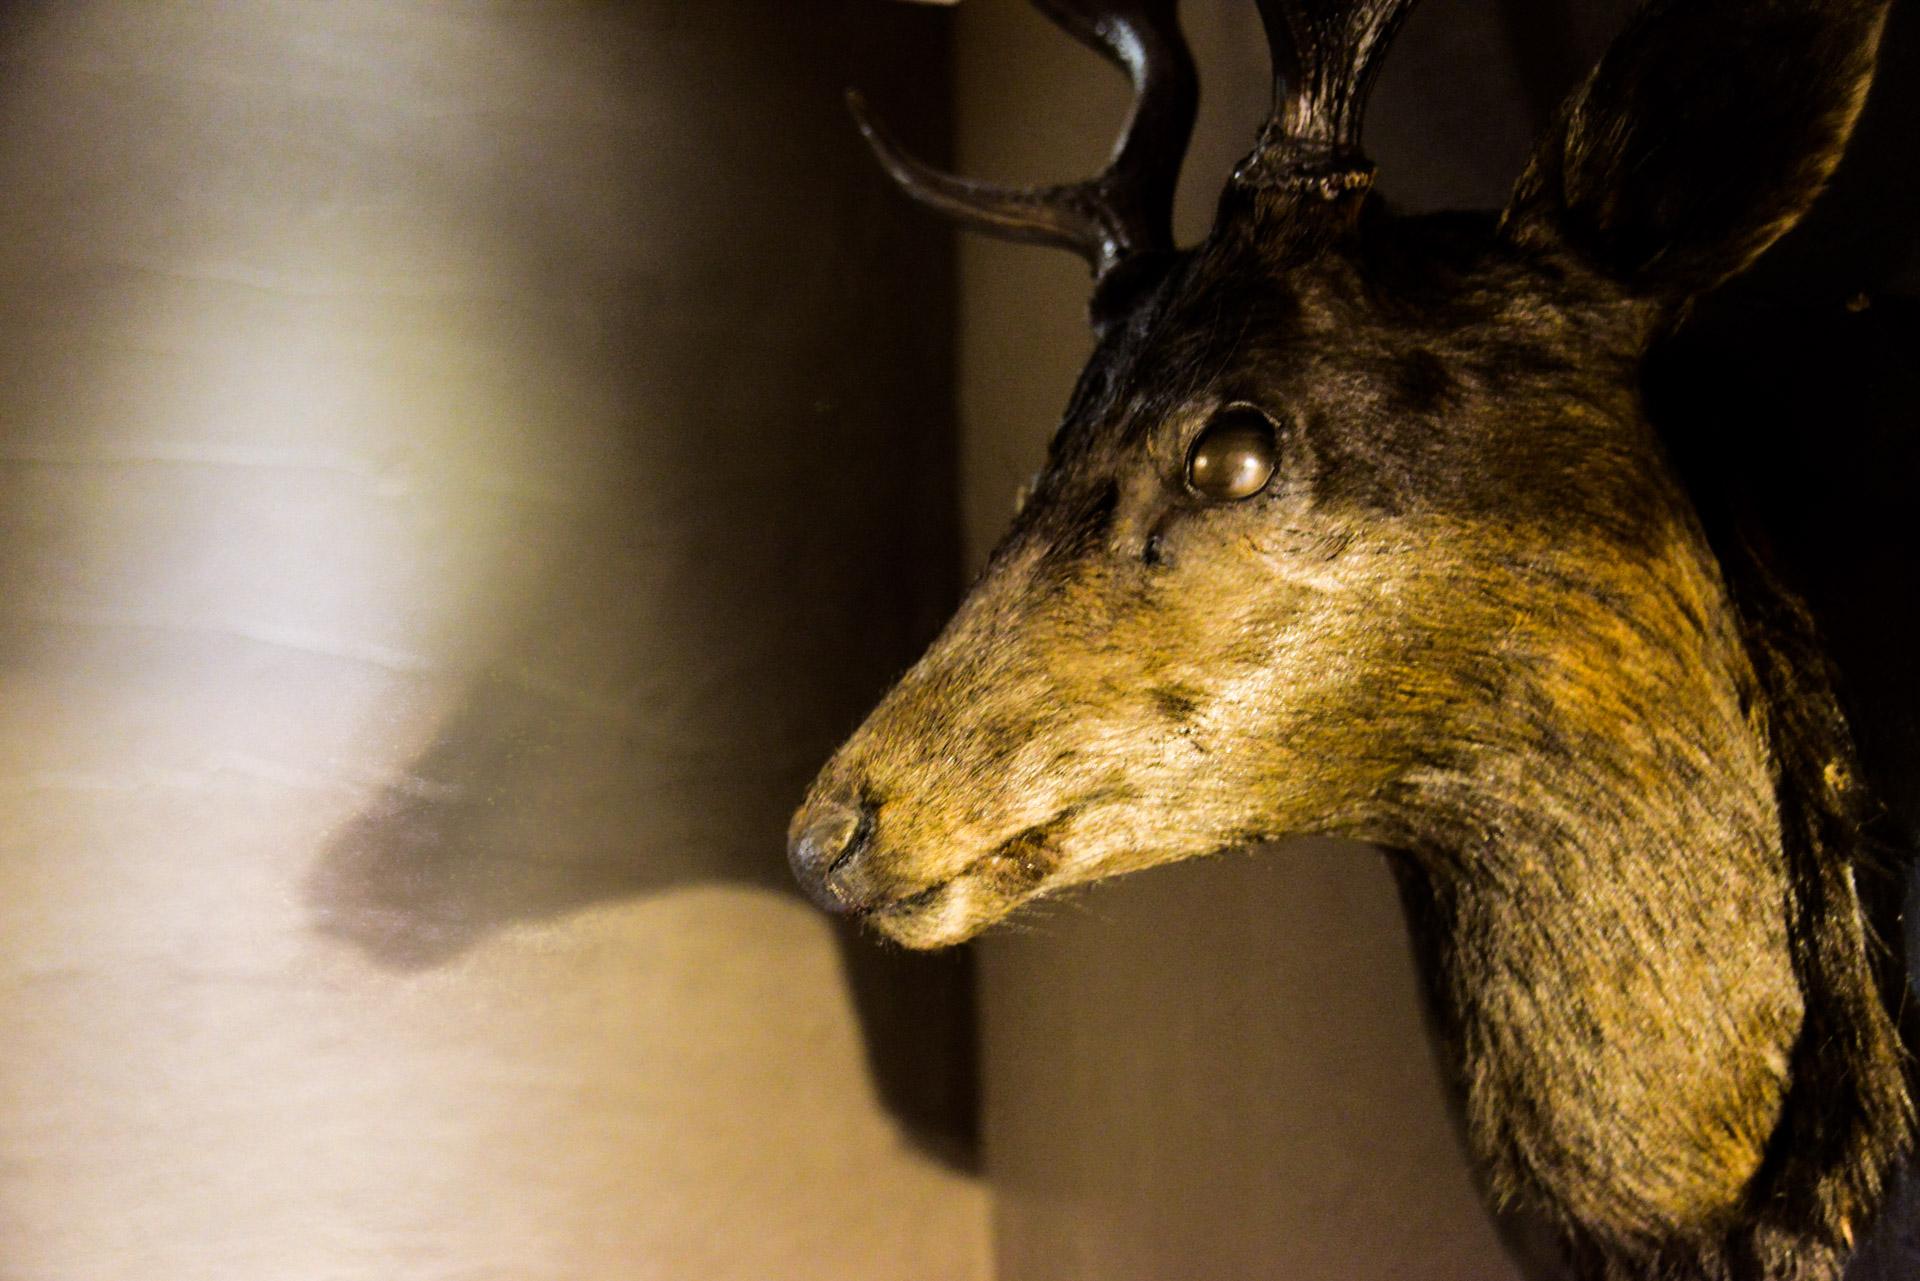 インテリア化された鹿の剥製